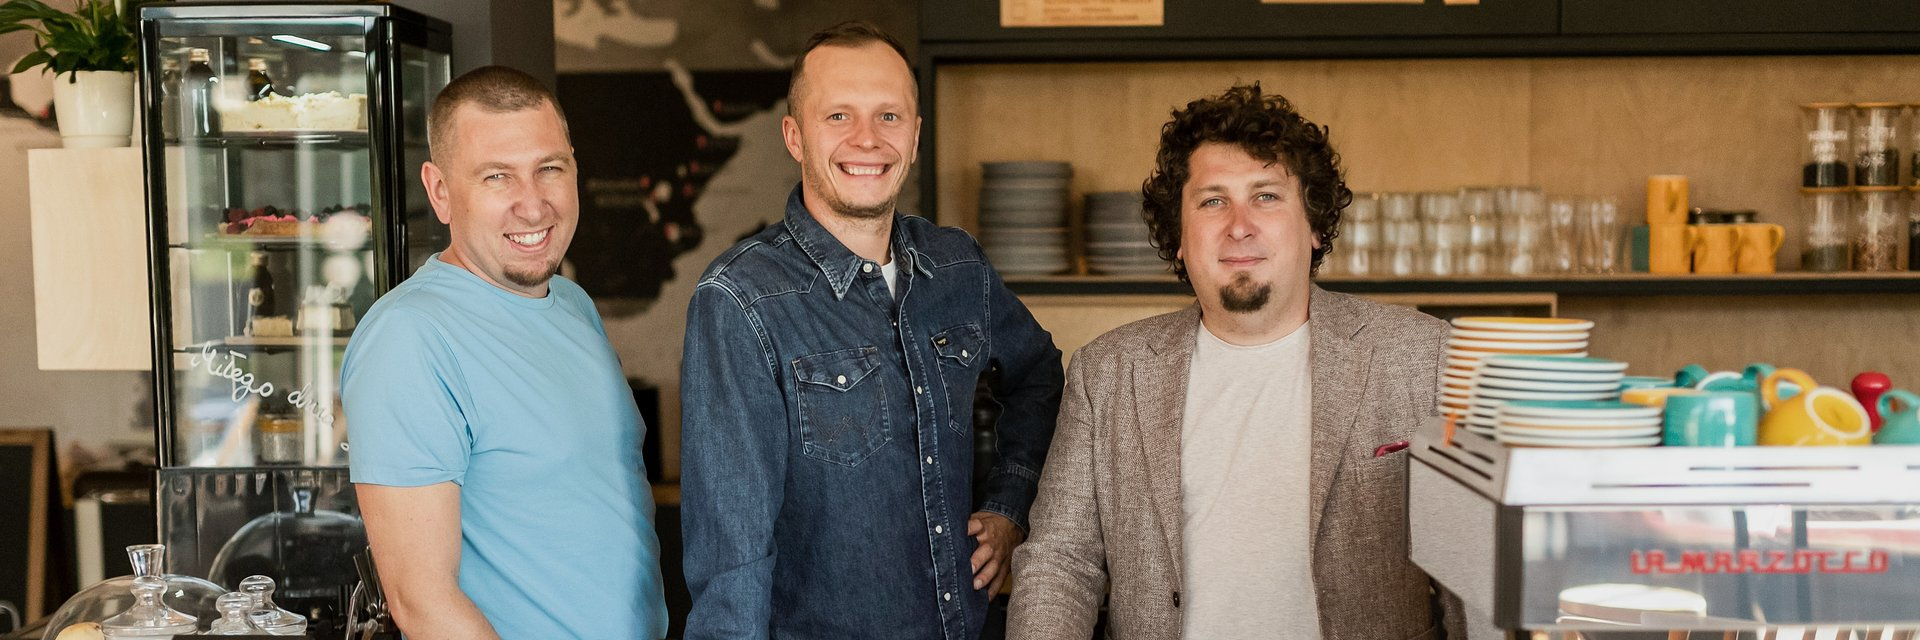 Coffeedesk ze wzrostami przekraczającymi plany spółki, zapowiada drugą emisję akcji